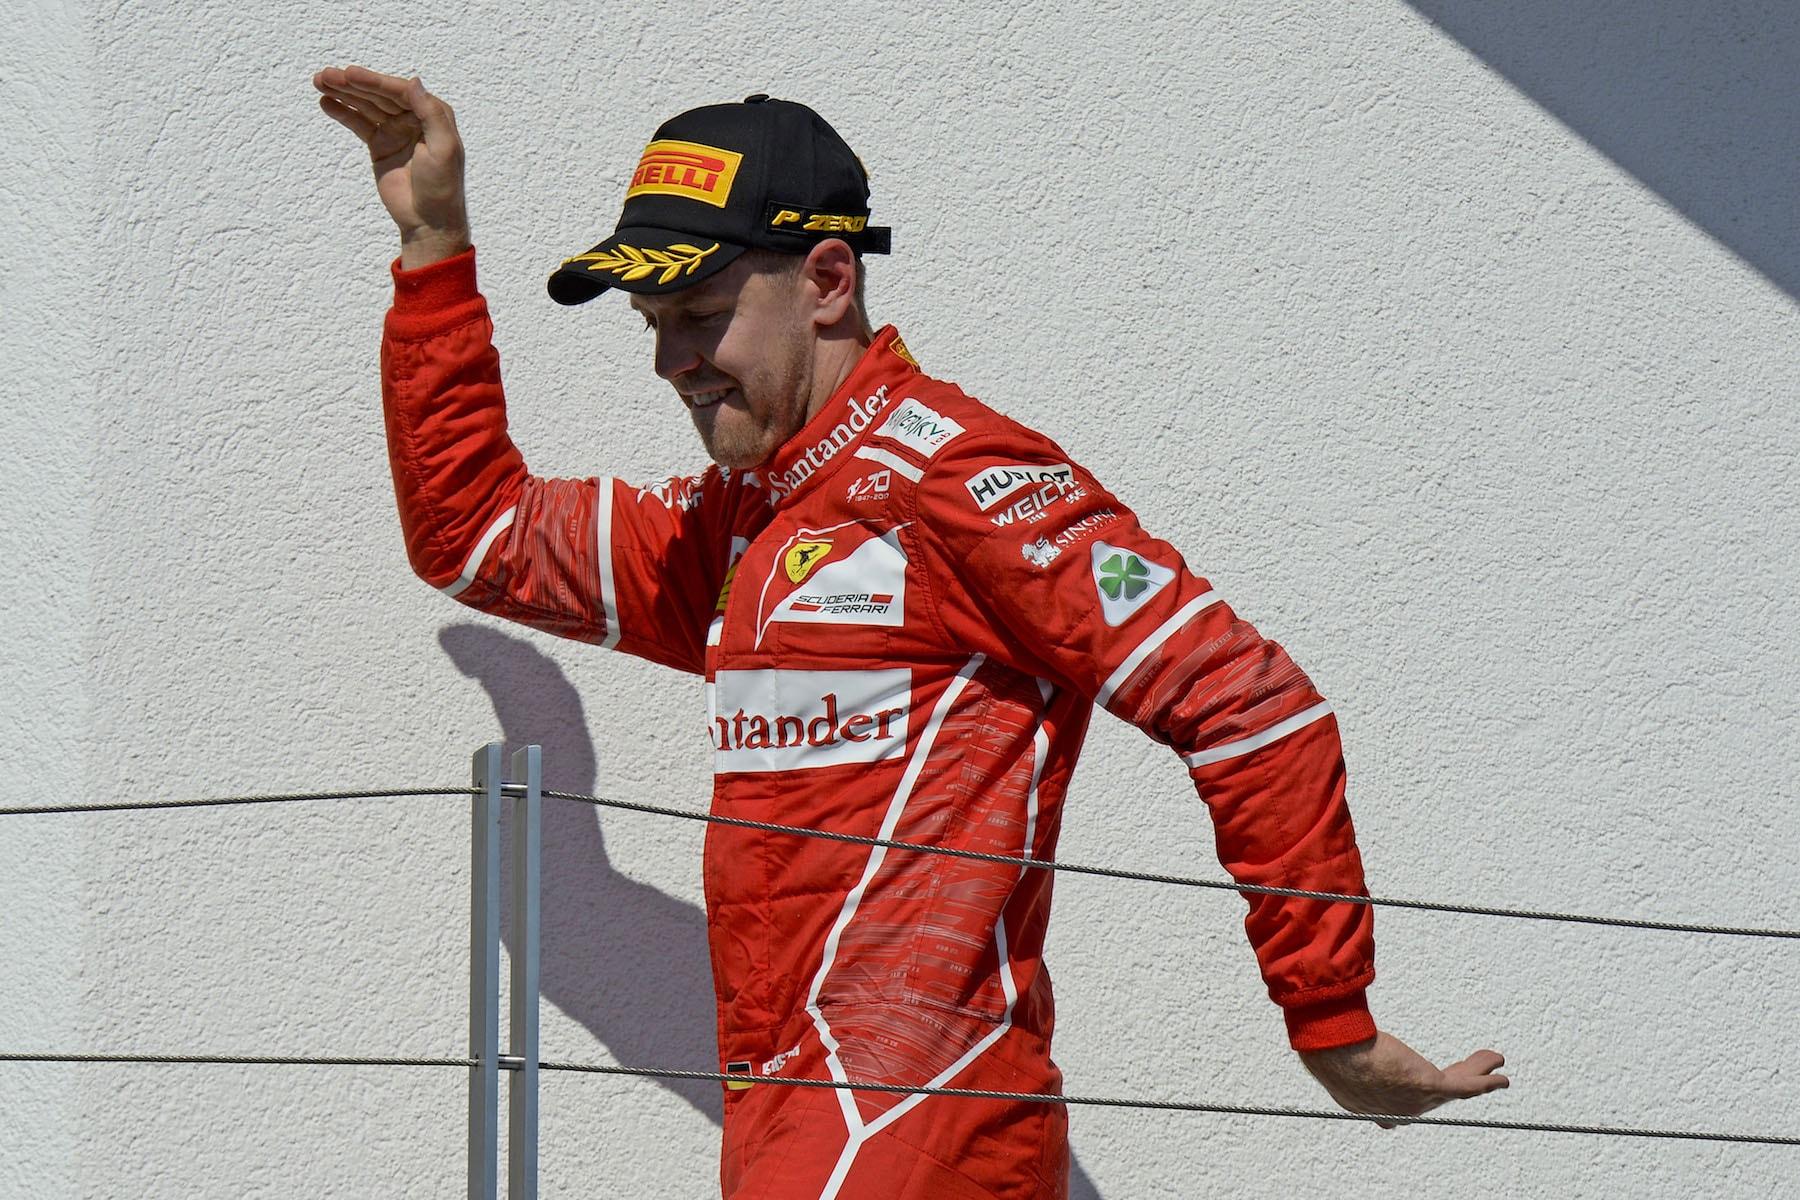 U 2017 Sebastian Vettel | Ferrari SF70H | 2017 Hungarian GP winner 3 copy.jpg